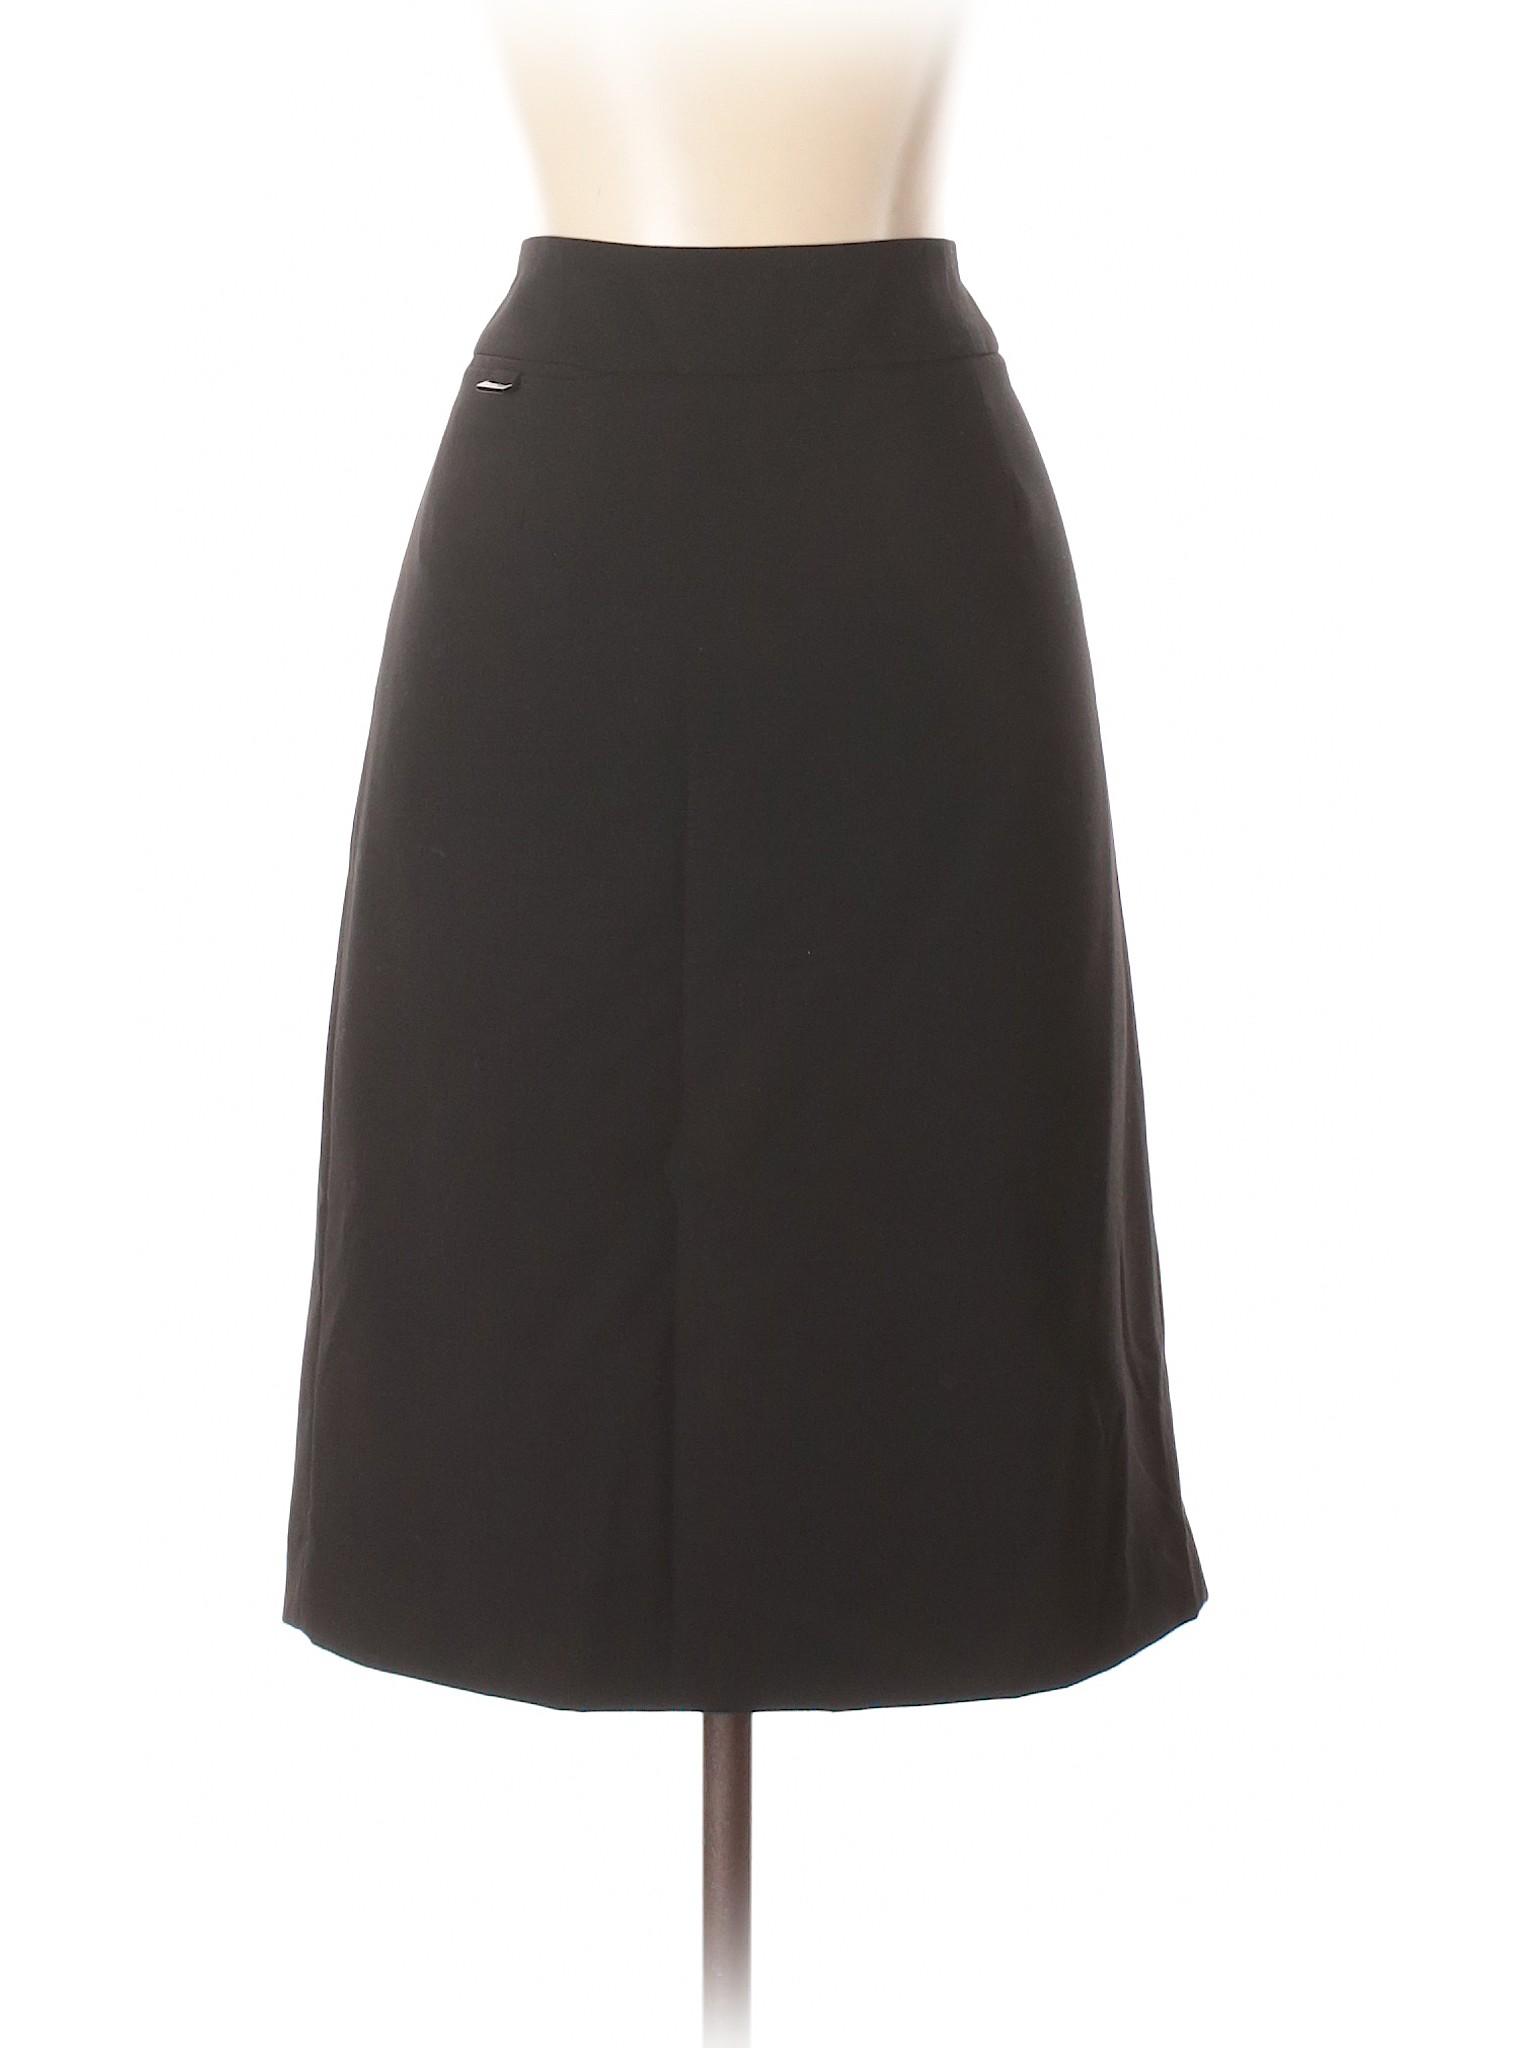 Skirt Casual Skirt Klein Klein Calvin Boutique Casual Calvin Boutique qPA8wqxg